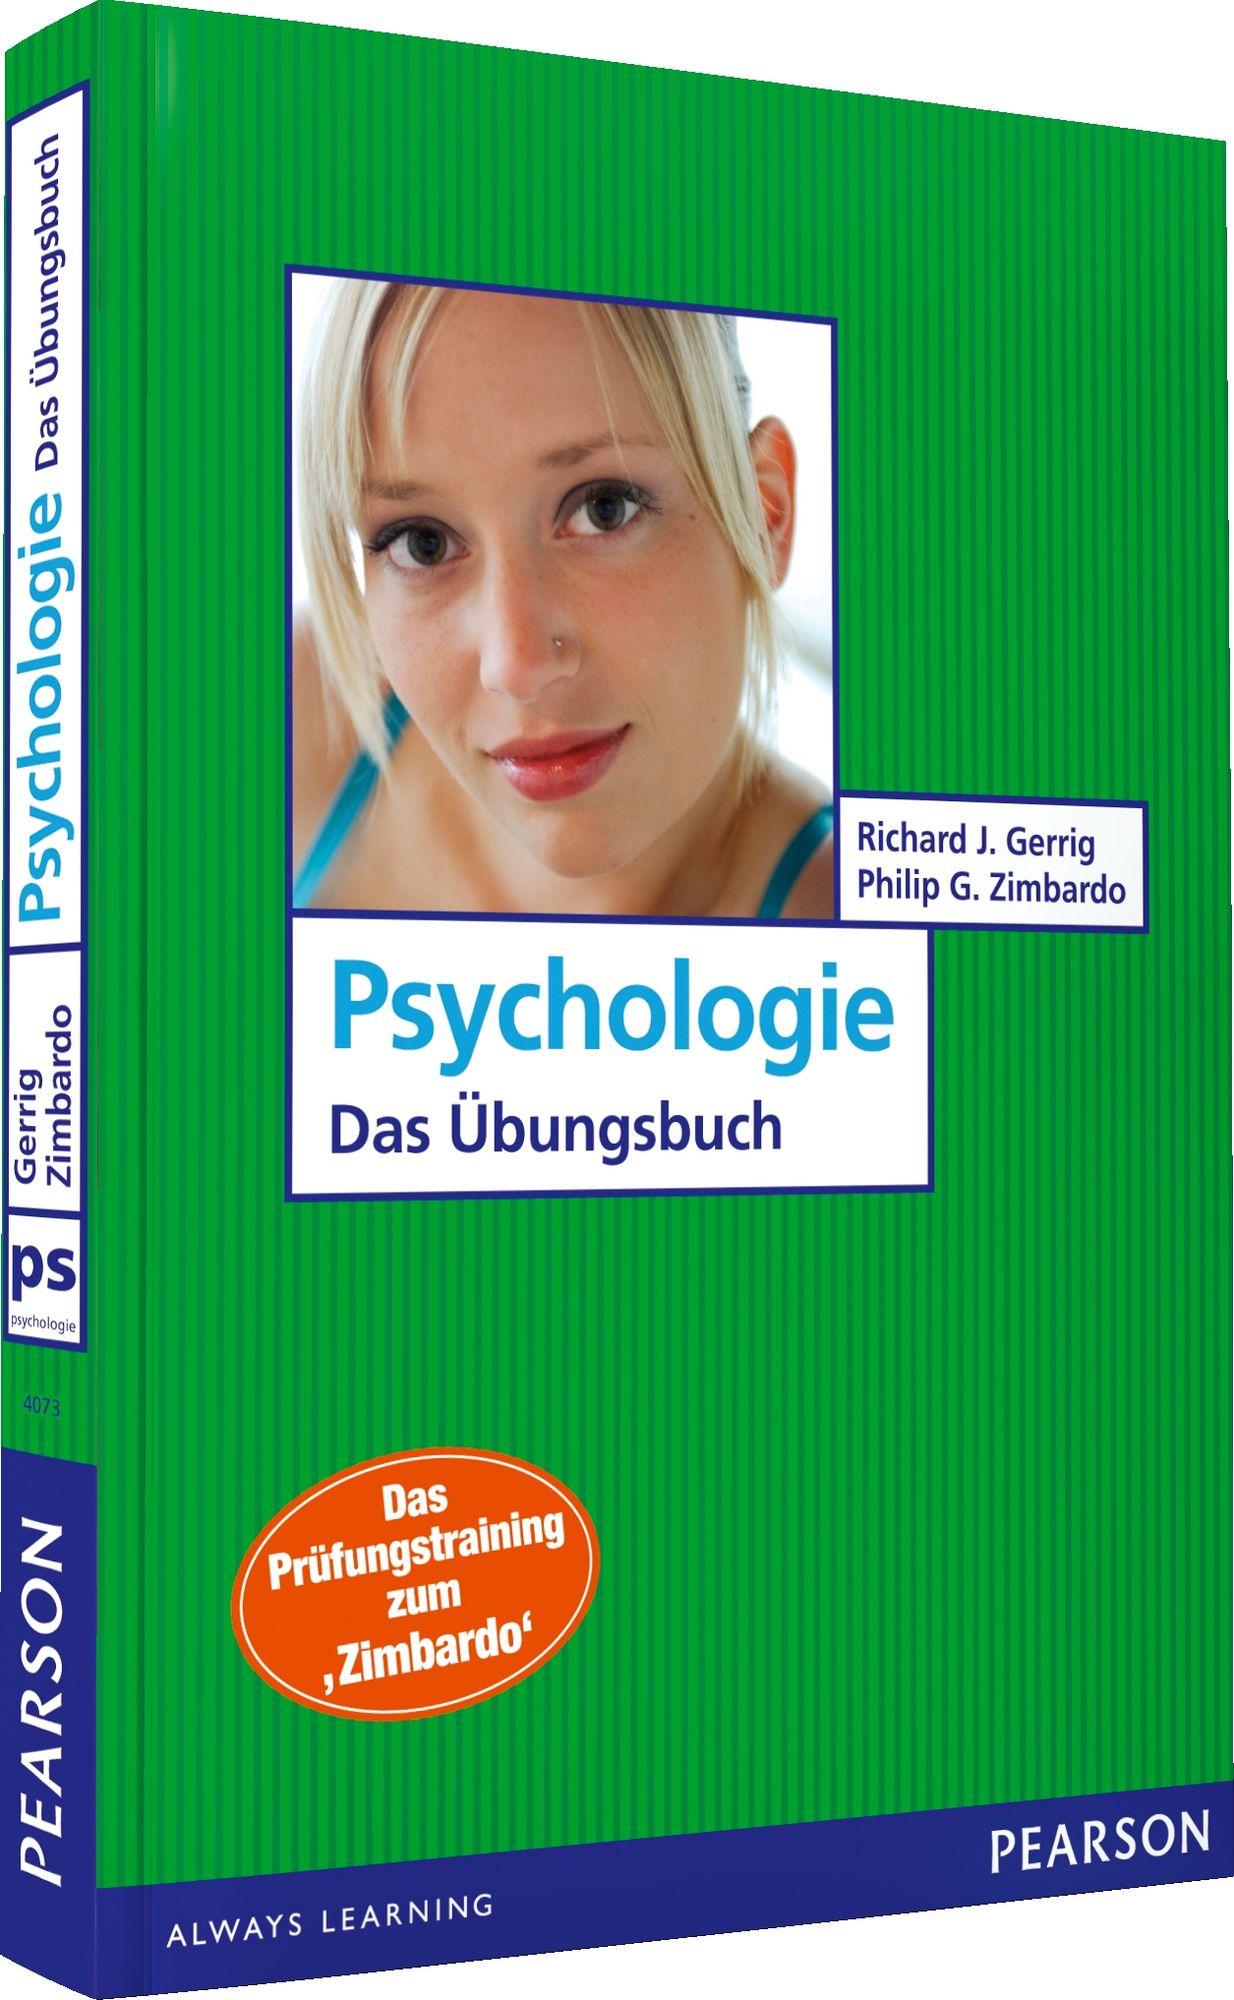 Psychologie - Das Übungsbuch: Das Prüfungstrain...